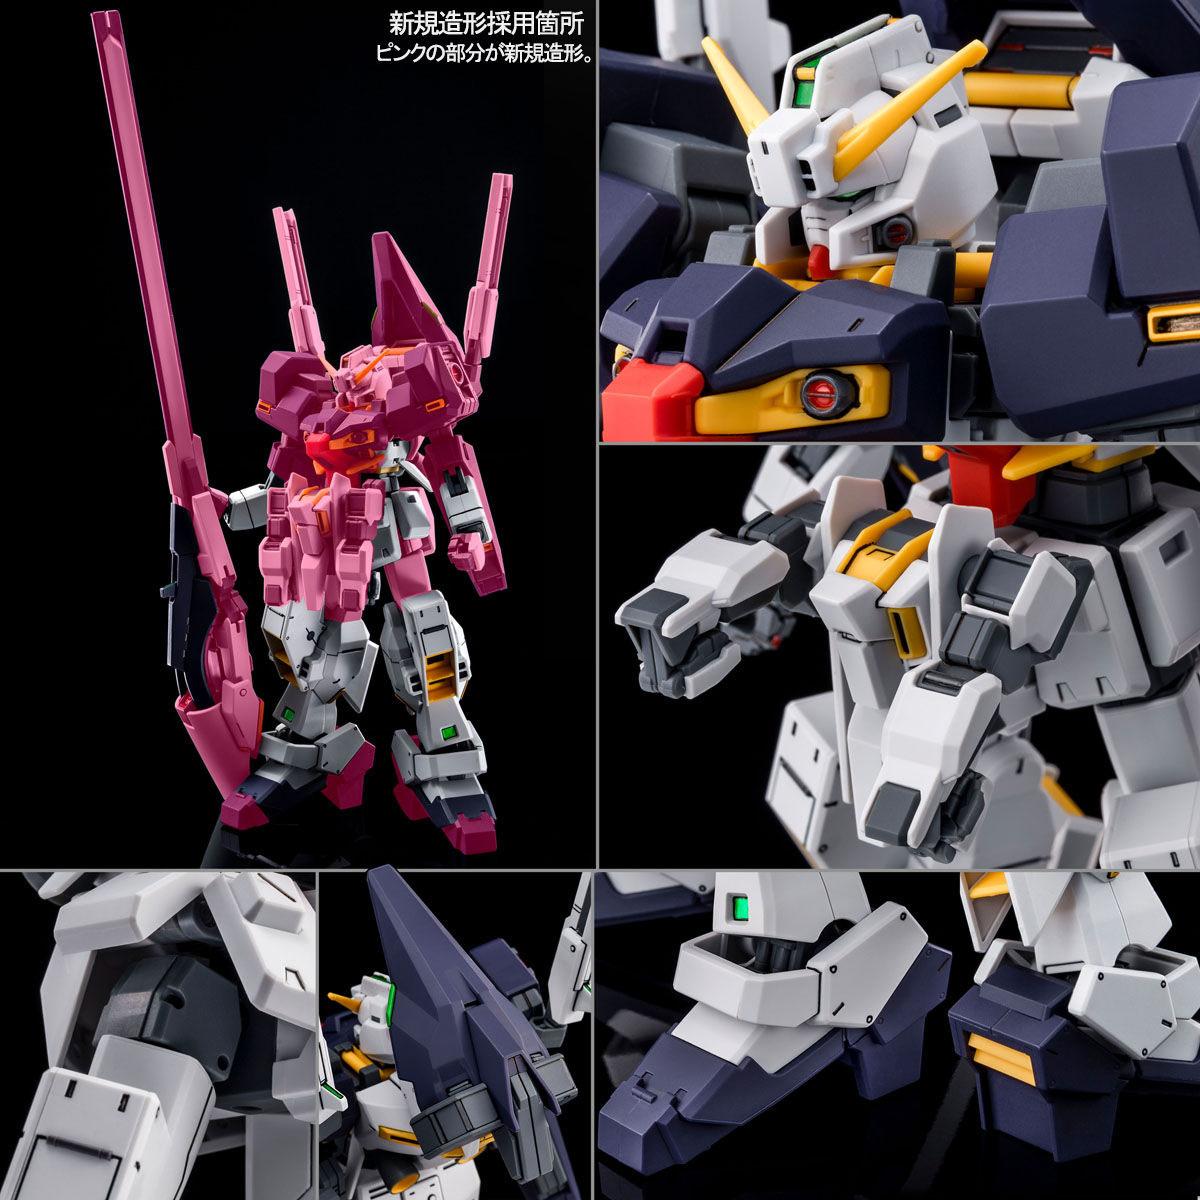 【限定販売】HG 1/144『ガンダムTR-1[ハイゼンスレイ]』プラモデル-008